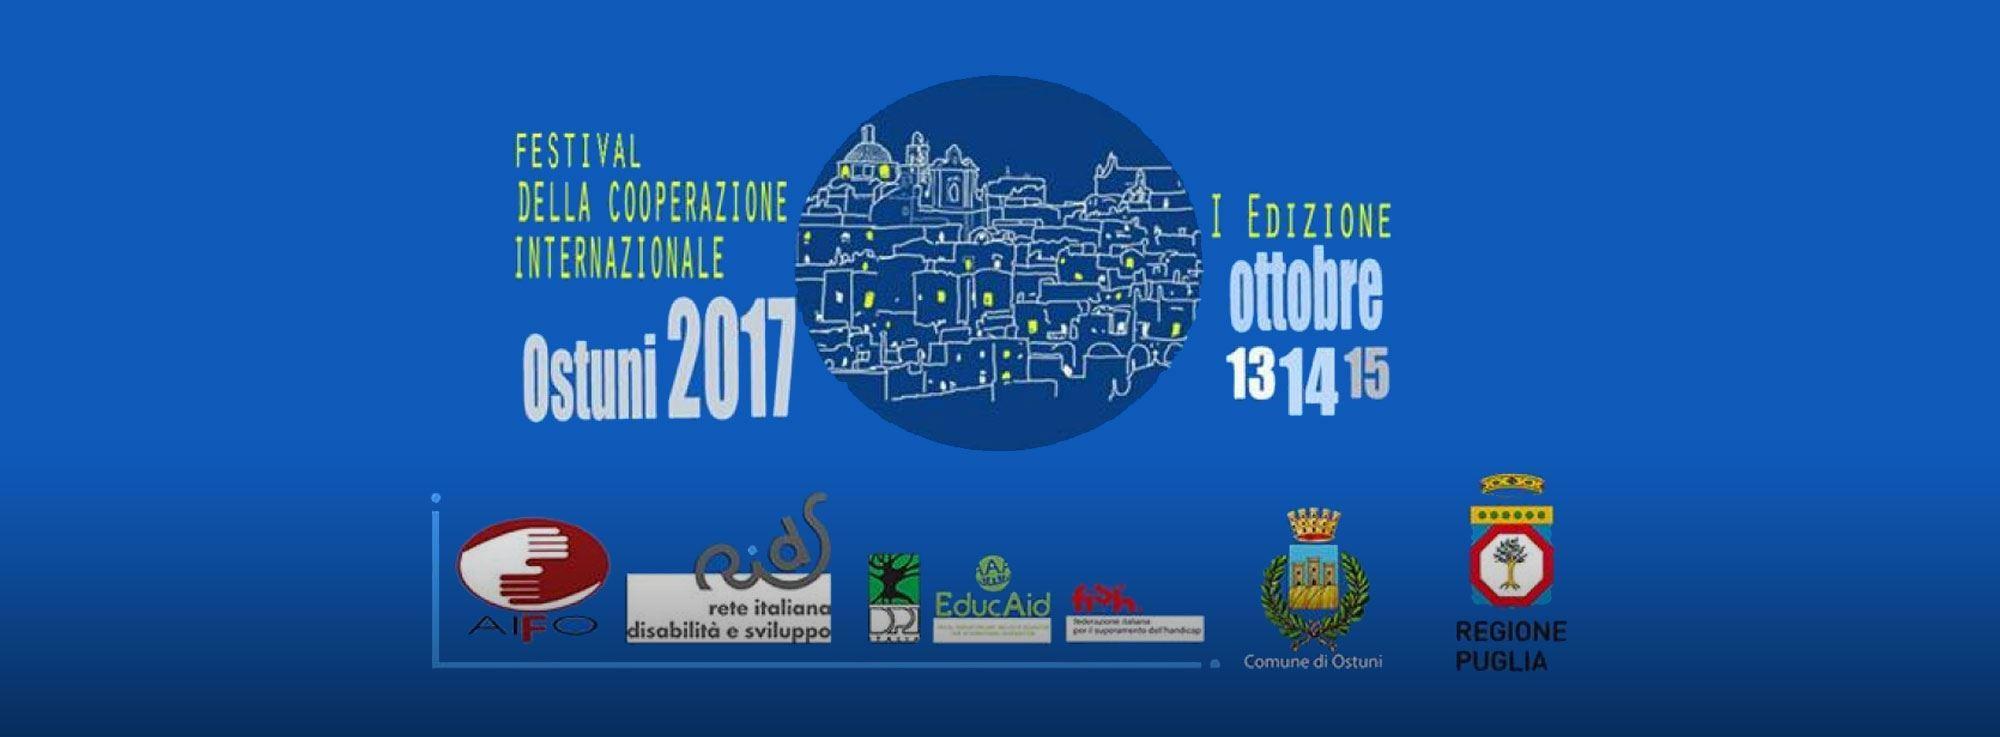 Ostuni: Festival della cooperazione internazionale